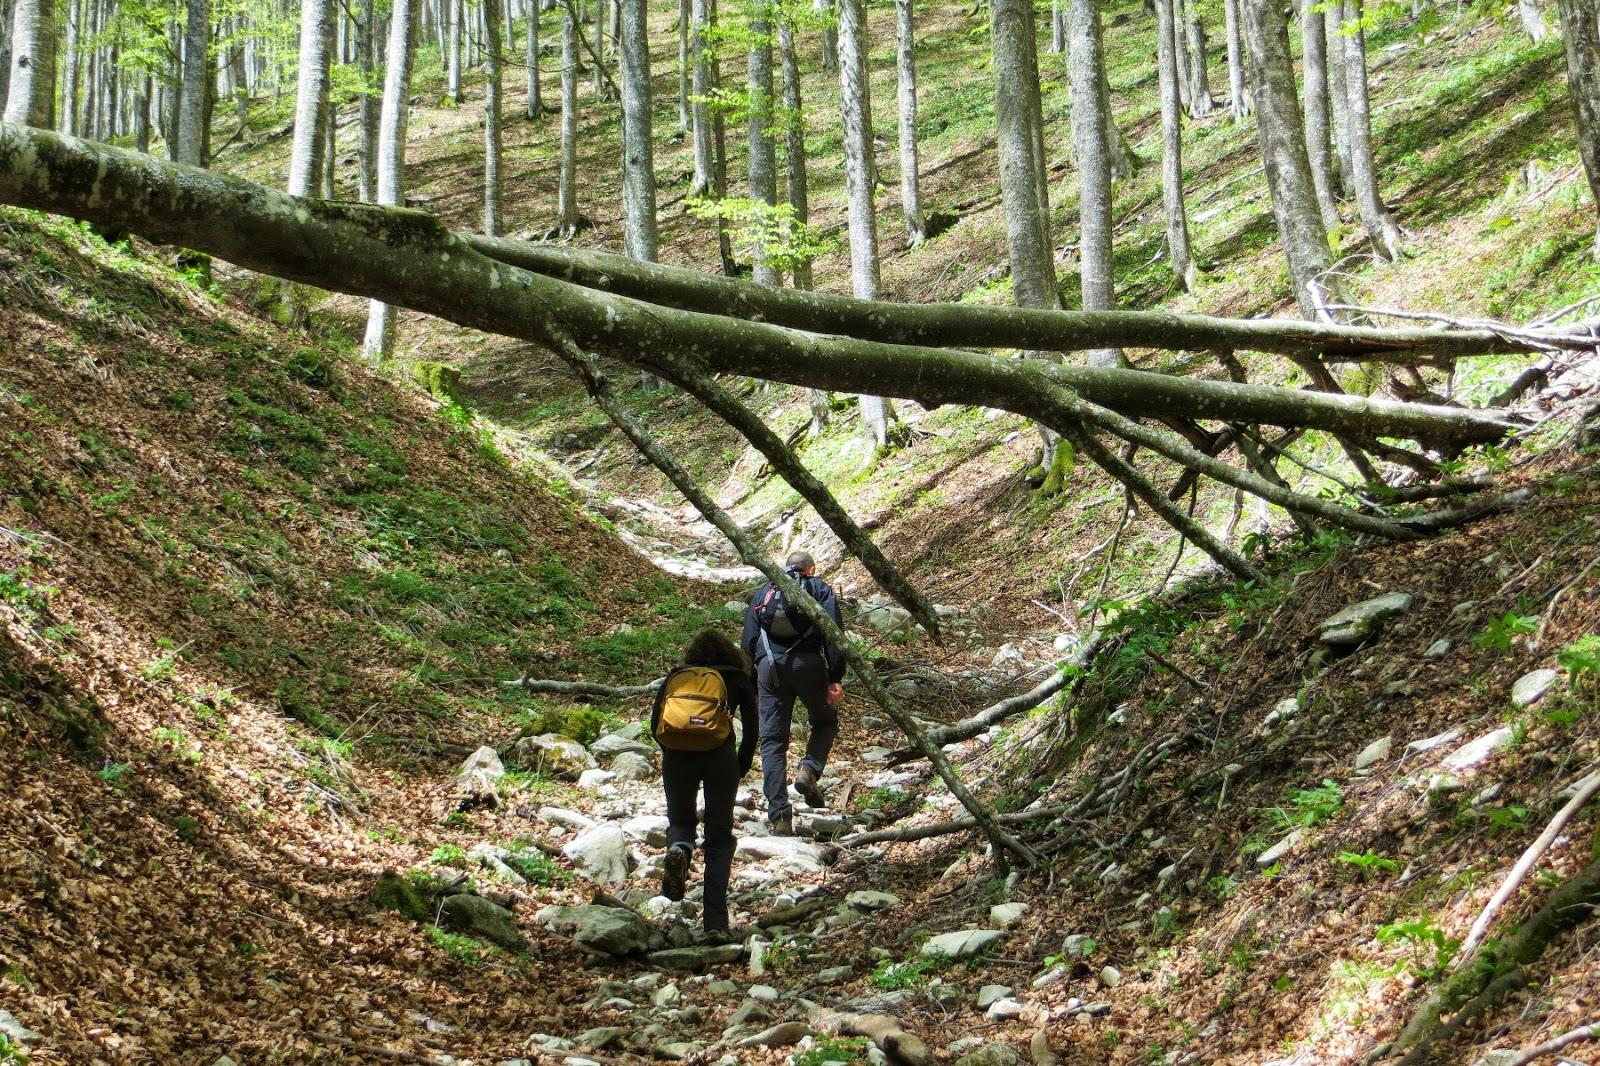 escursione sul cansiglio a malga mezzomiglio